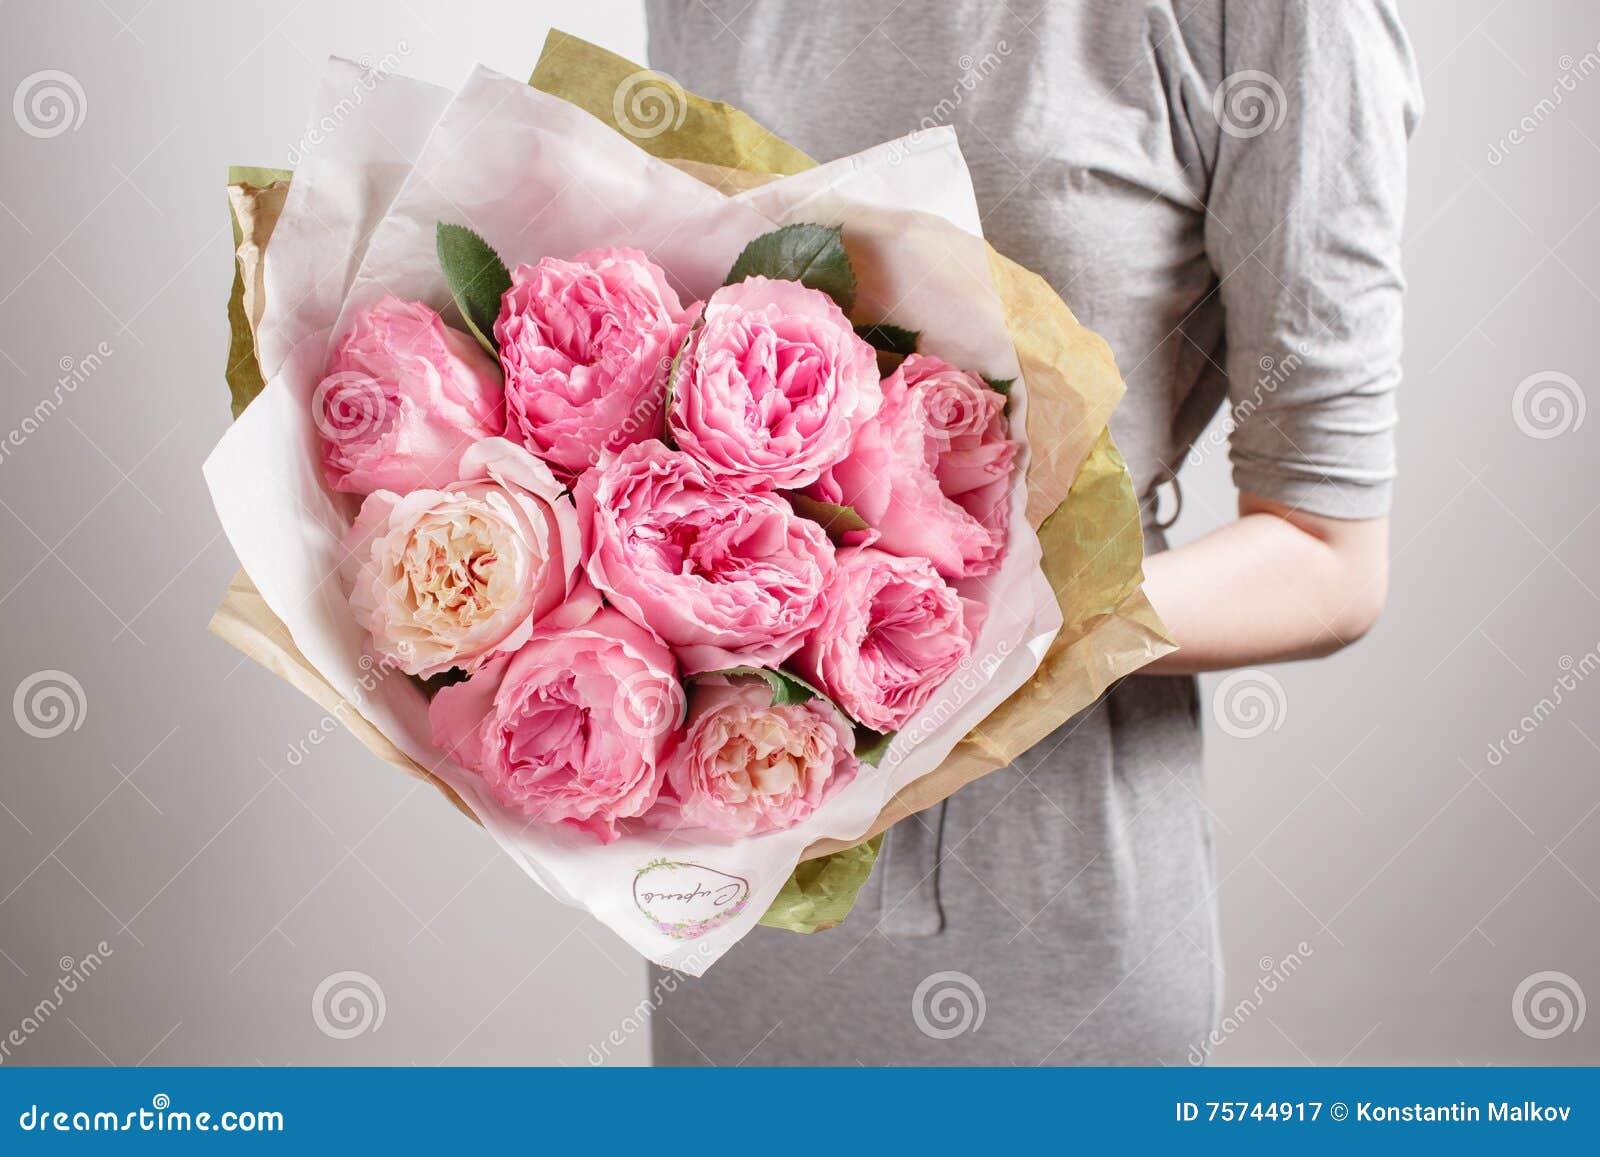 Fille De Fleuriste Avec Des Fleurs De Pivoine Ou Des Roses ...